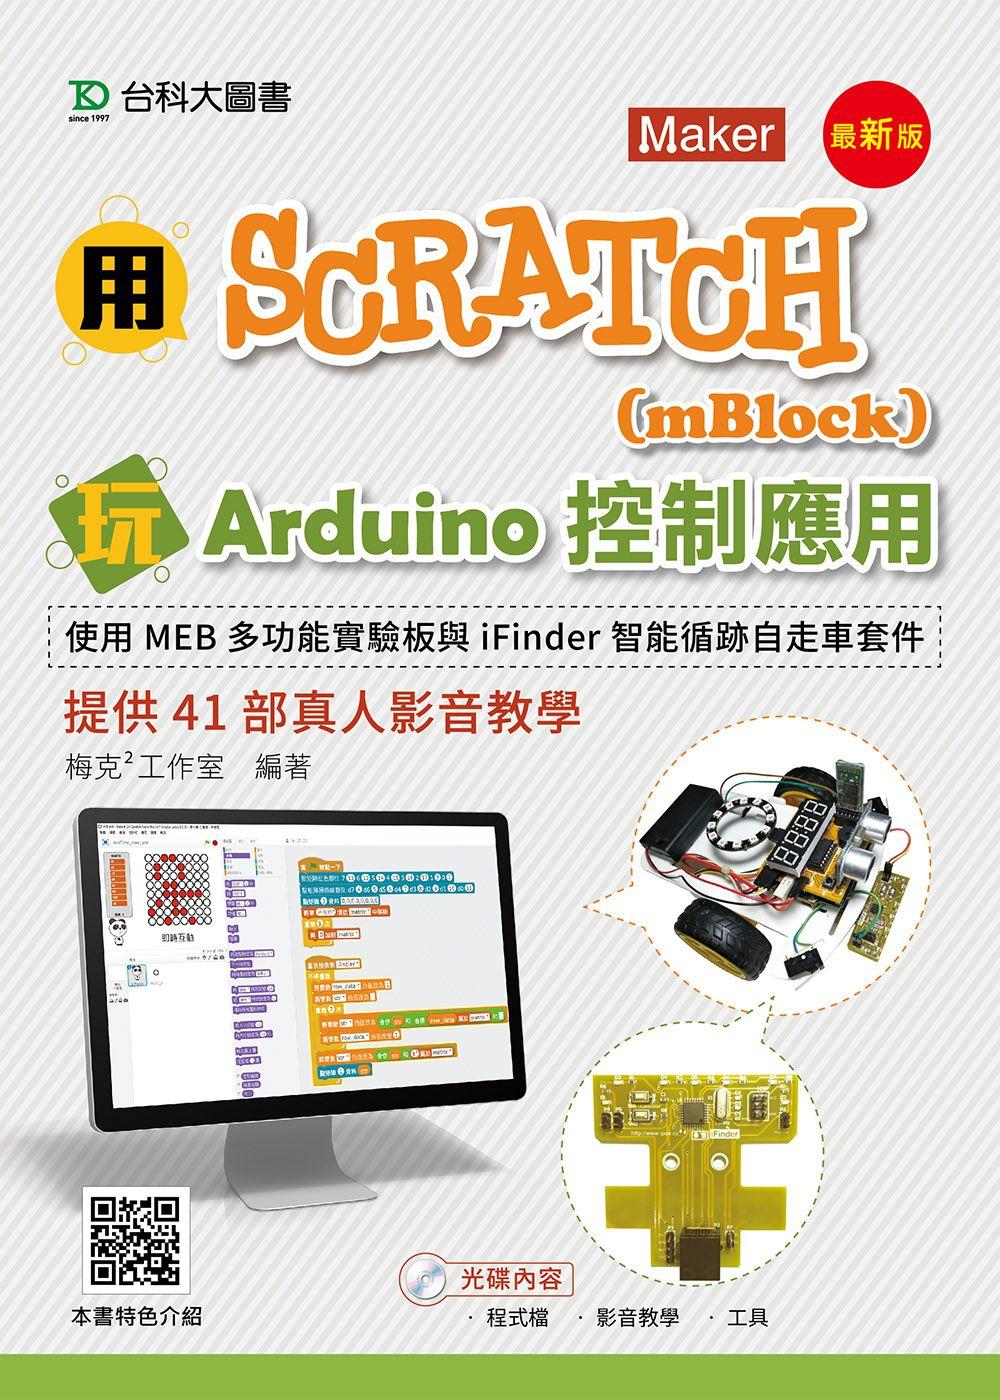 PB119-用Scratch(mBlock)玩Arduino控制應用-使用MEB多功能實驗板與iFinder智能循跡自走車套件提供41部真人影音教學 - 最 ...